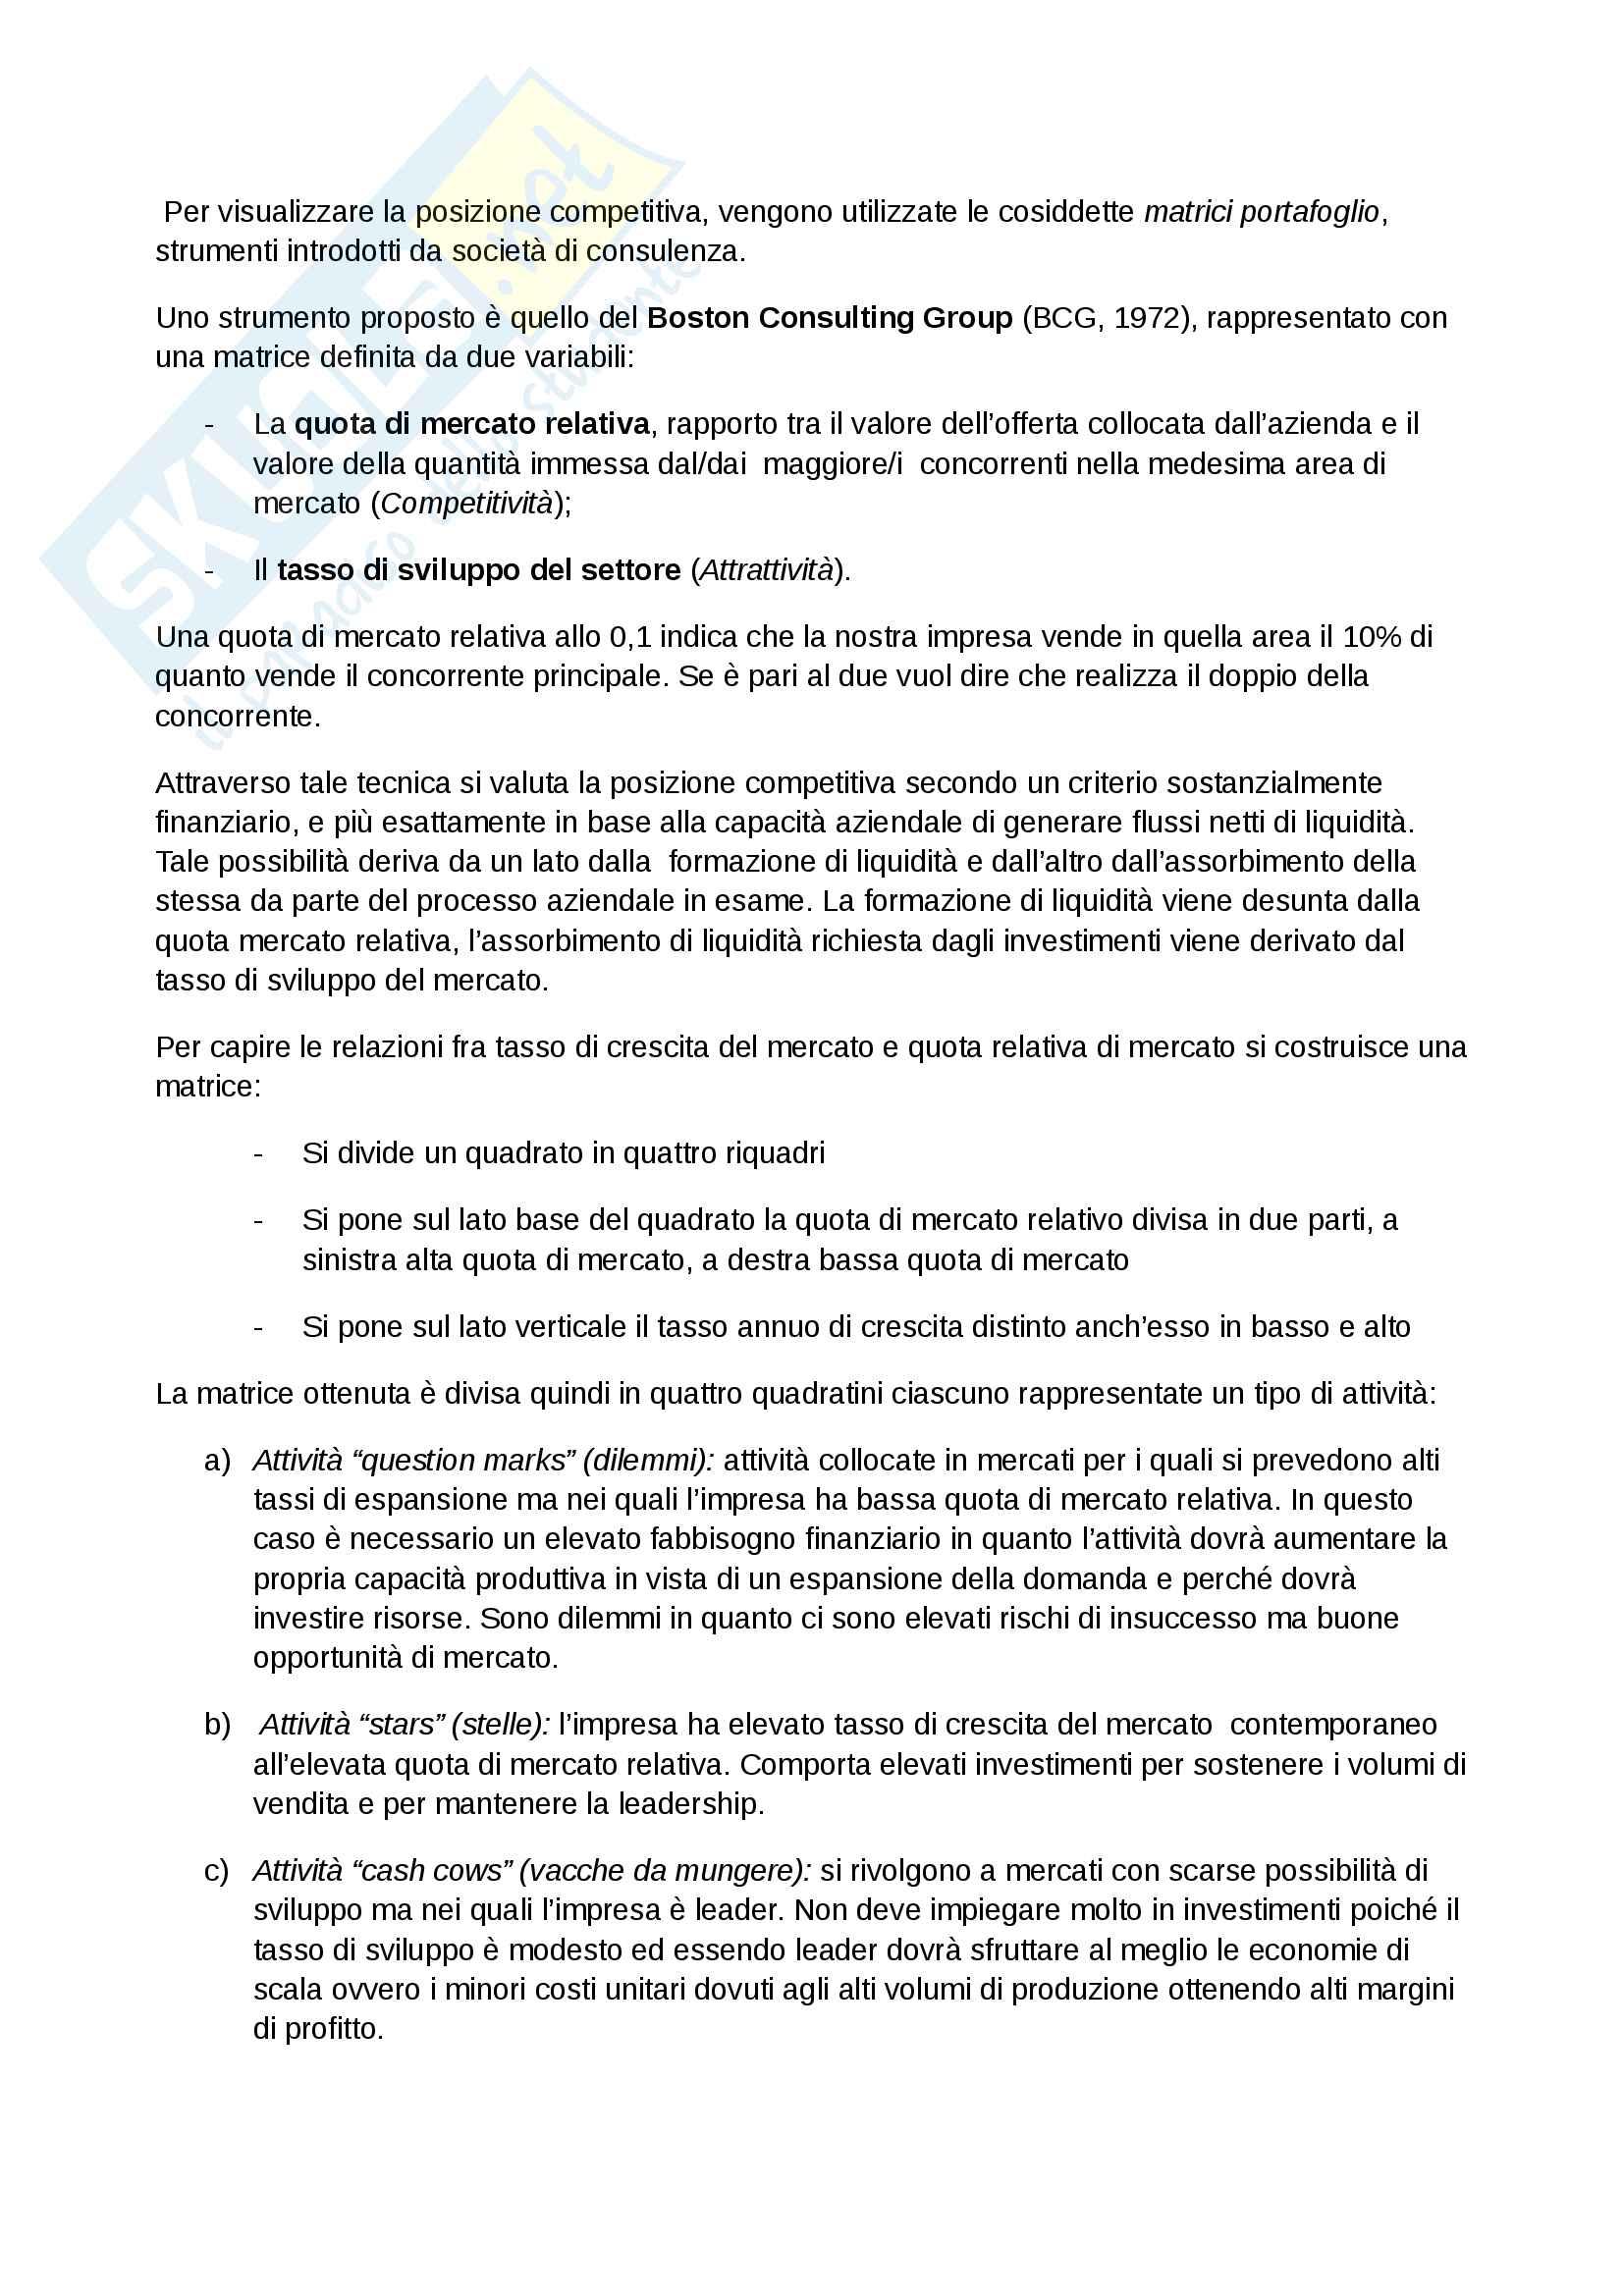 Management Secondo parziale prof Cuomo Unimib-Unisa Pag. 2